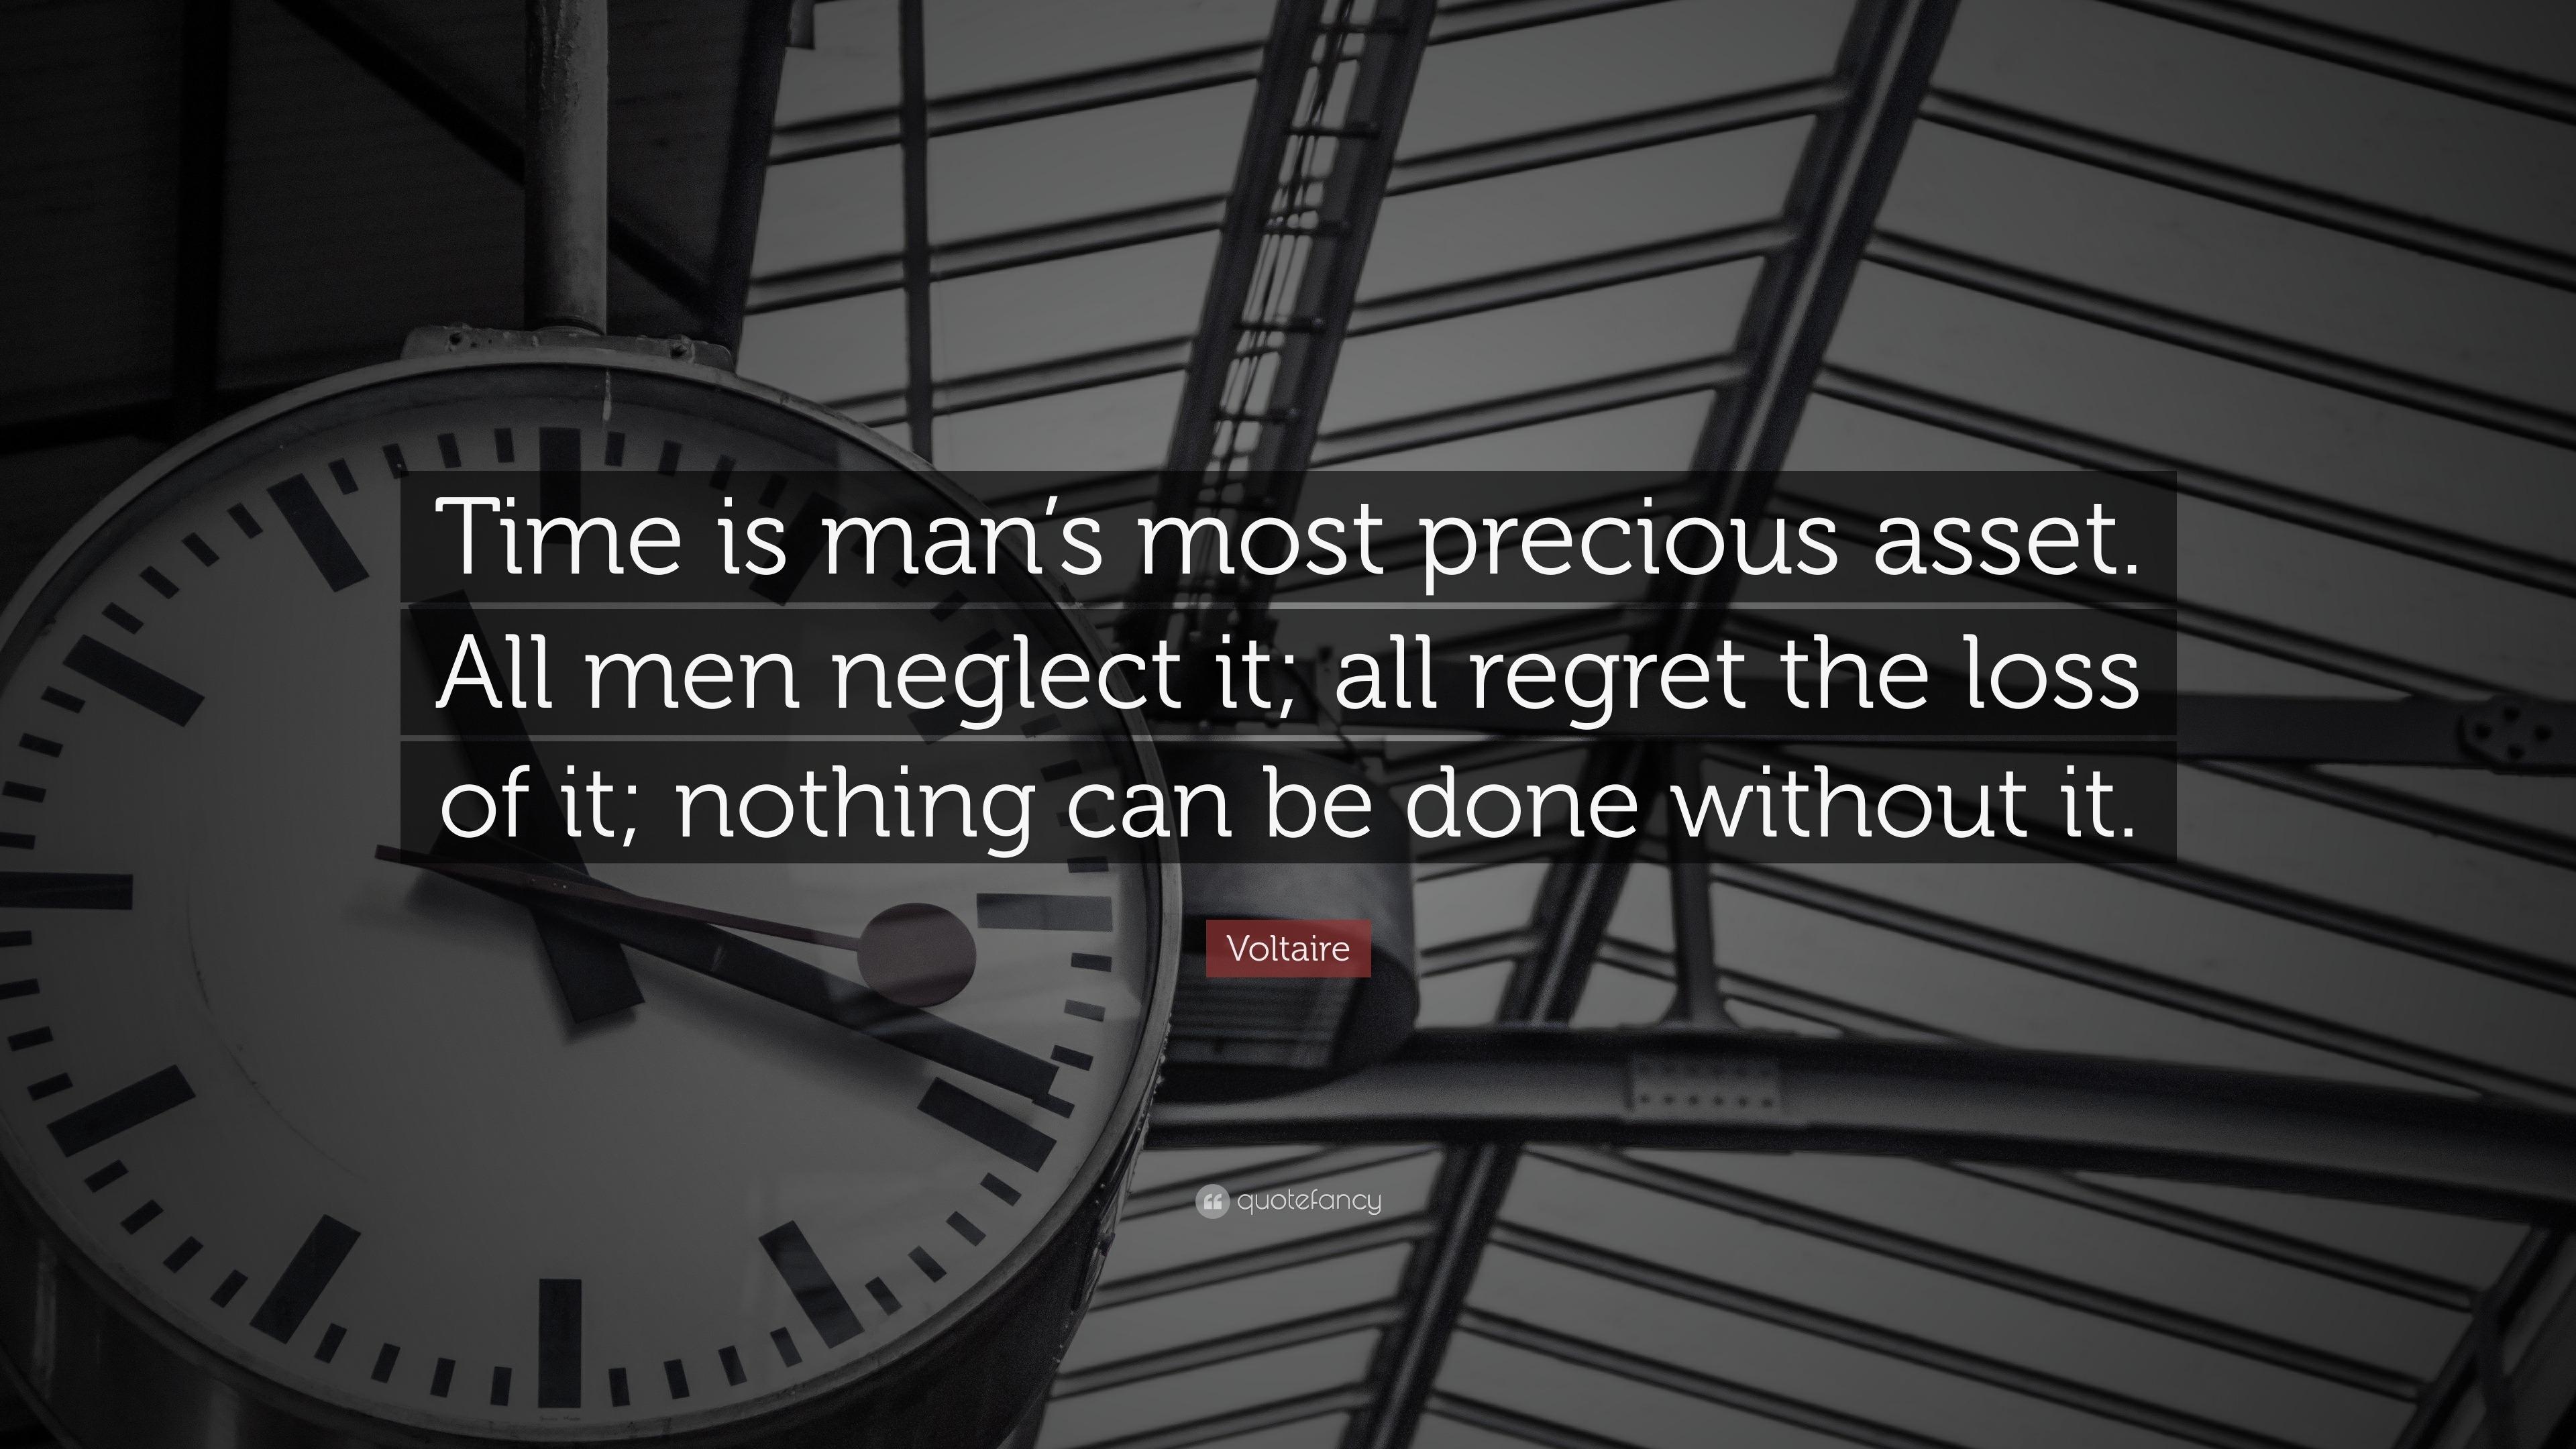 man of all men